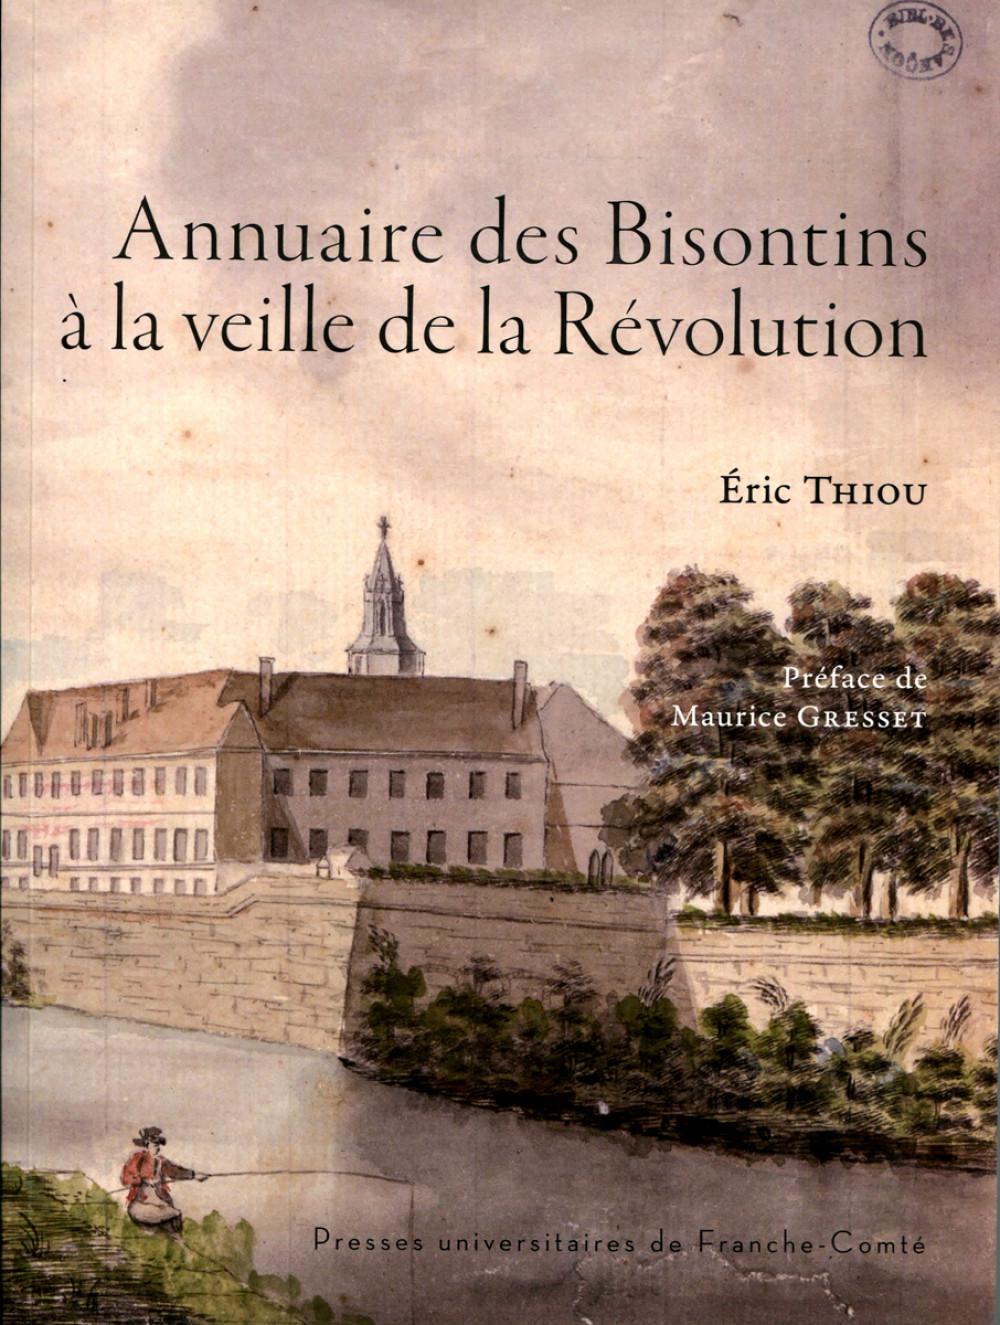 Annuaire des Bisontins à la veille de la Révolution